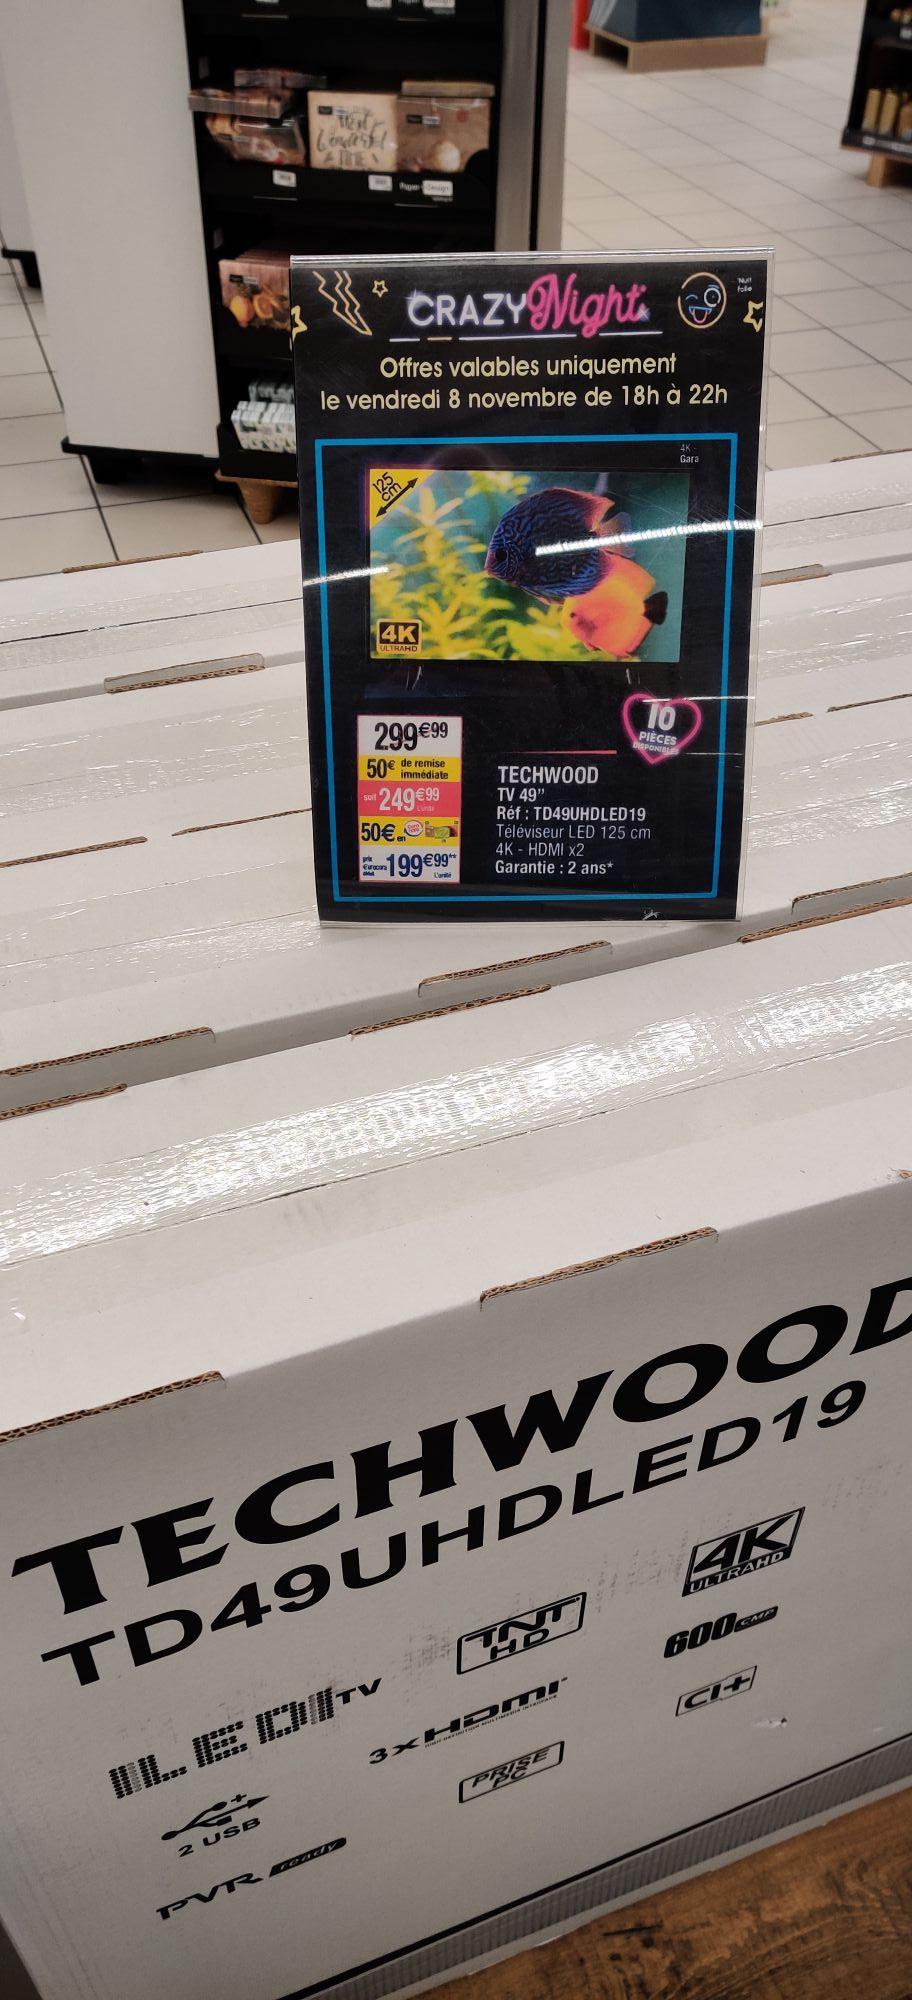 """TV 49"""" Techwood TD49UHDLED19 - UHD, LED - St-Avold (57)"""